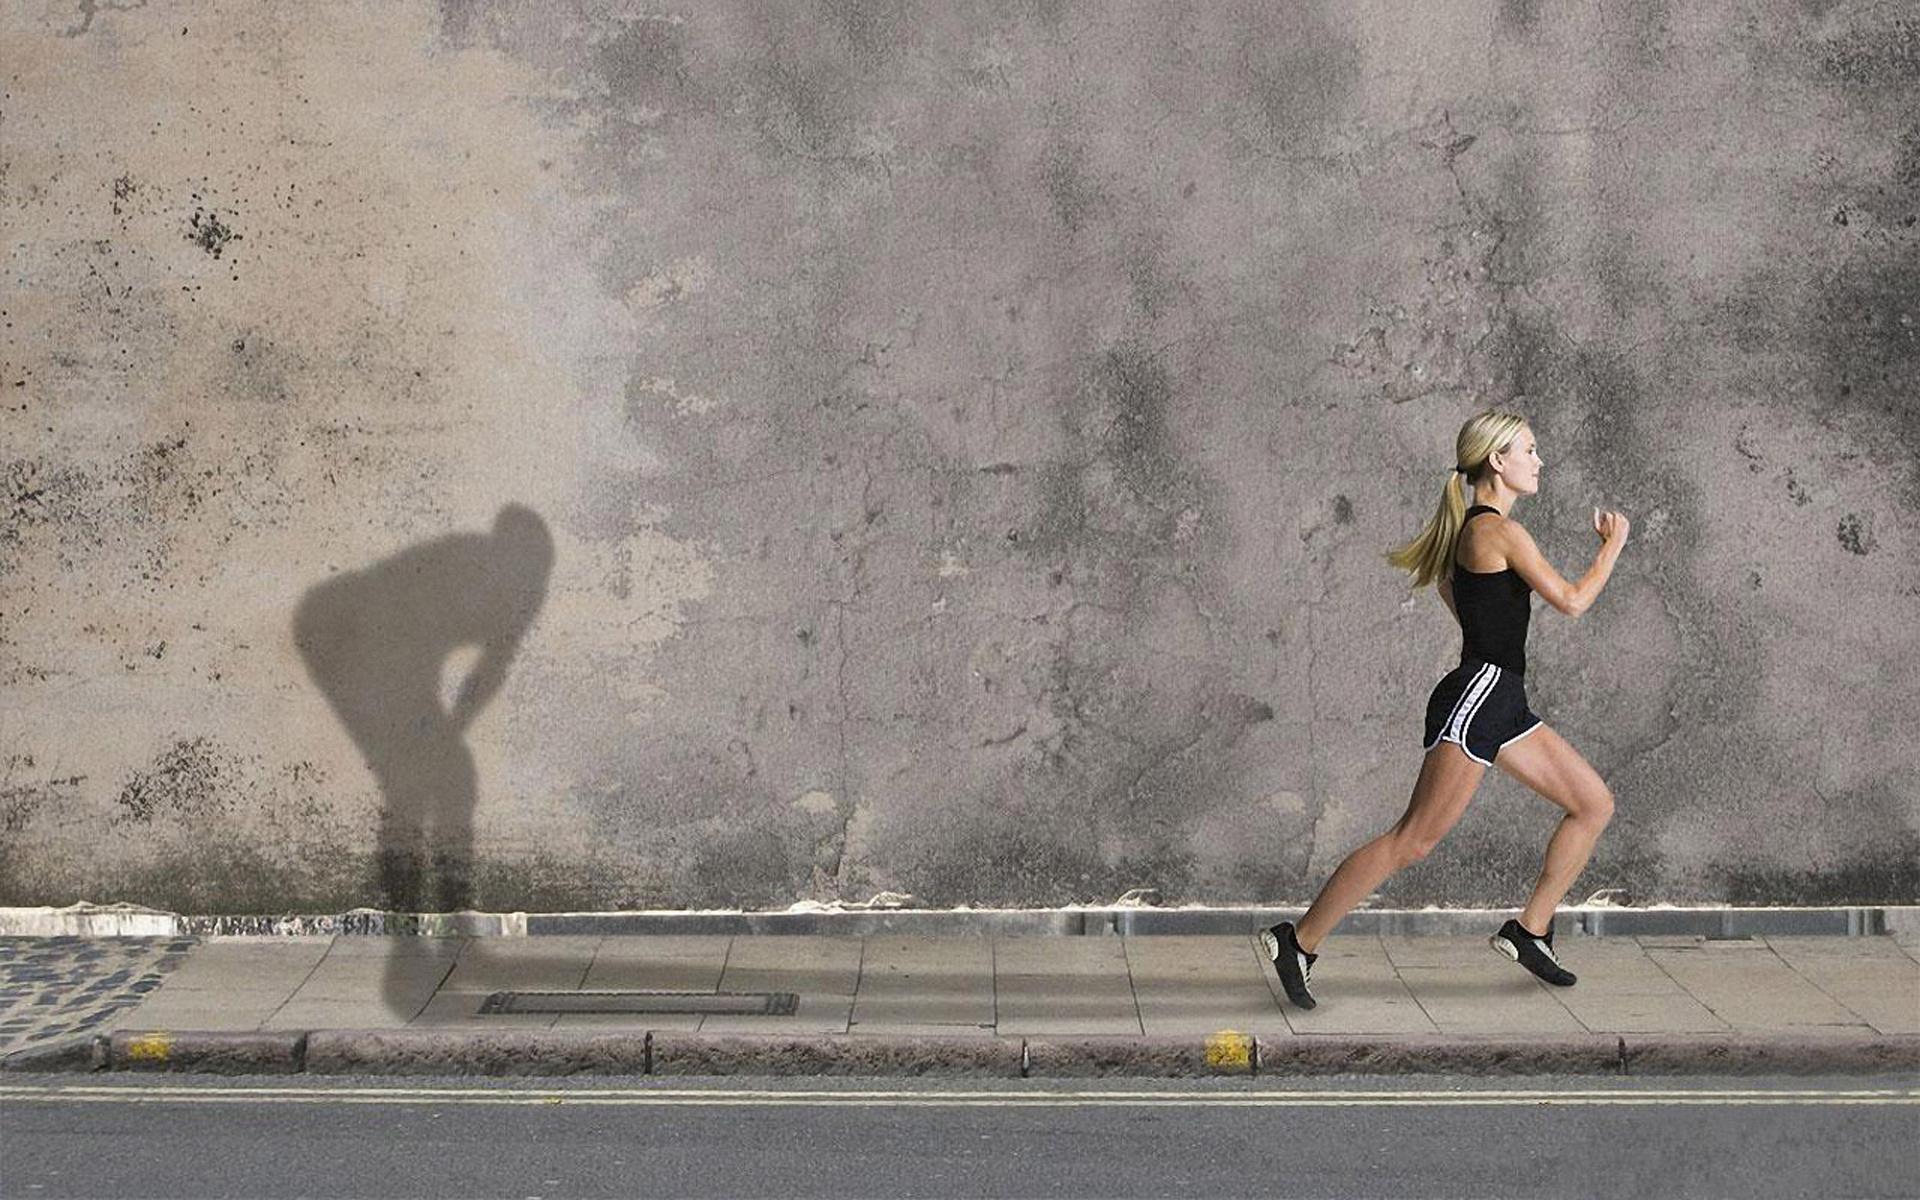 Ученые раскрыли секреты правильной пробежки 3